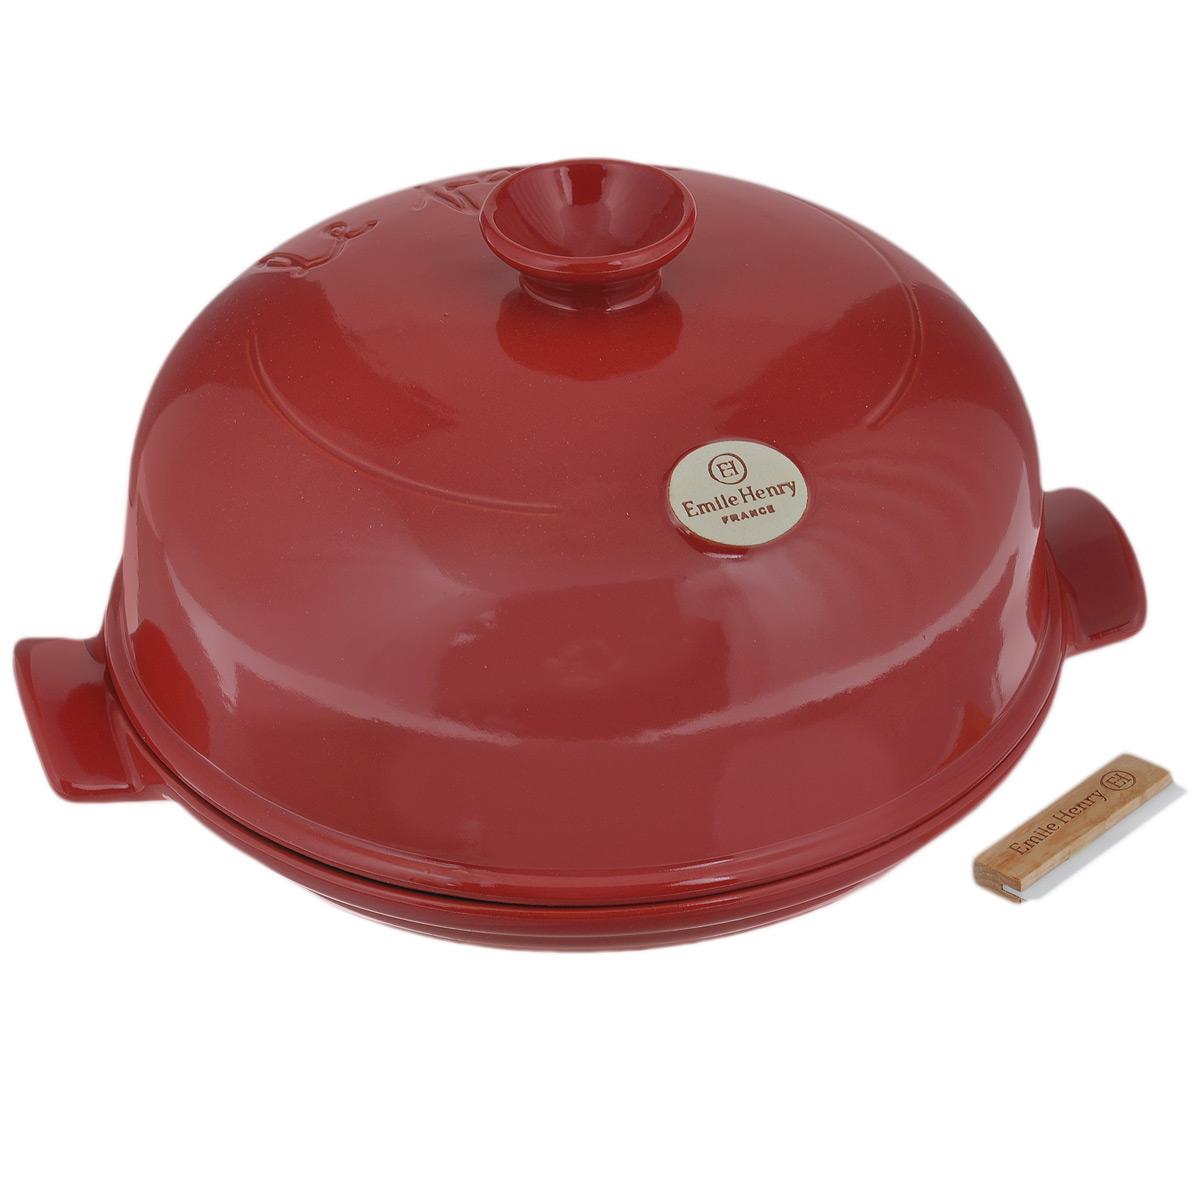 Набор для выпечки хлеба Emile Henry, цвет: гранат, 3 предмета54 009312Набор для выпечки хлеба Emile Henry состоит из круглой формы с крышкой и поварской лопатки.Форма и крышка выполнены из высококачественной жаропрочной глазурованной керамики, которая выдерживает нагревание до 500°C. Это полностью натуральный материал (без примеси металлов), идеально подходящий для медленного и равномерного приготовления пищи. Керамика гарантирует правильный здоровый подход к кулинарии: любые блюда получаются ароматными и сохраняют все полезные вещества, не подвергаясь перепадам температур в процессе приготовления. Благодаря медленному распределению тепла, вкусы и запахи продуктов концентрируются и становятся более насыщенными. Керамическая посуда обладает свойством долго сохранять тепло после того, как блюдо было снято с огня, и легко удерживать холод после того, как блюдо достали из холодильника. Куполообразная крышка является аналогом свода печи и позволяет поддерживать постоянную влажность в процессе приготовления, поэтому хлеб всегда получается пышным, мягким и с хрустящей корочкой. А благодаря ребристой поверхности основания, хлеб не прилипает и легко извлекается из формы. С формой для выпечки хлеба от Emile Henry приготовление настоящего домашнего хлеба просто как раз-два-три! В комплект также входит поварская лопатка - керамическое лезвие с деревянной ручкой, предназначено для надрезания хлеба. Форму можно помещать в духовку и микроволновую печь. Не помещать на прямые источники тепла, такие как плиты. Можно мыть в посудомоечной машине. Диаметр формы: 28 см. Высота (с крышкой): 16,5 см. Длина лопатки: 7 см.